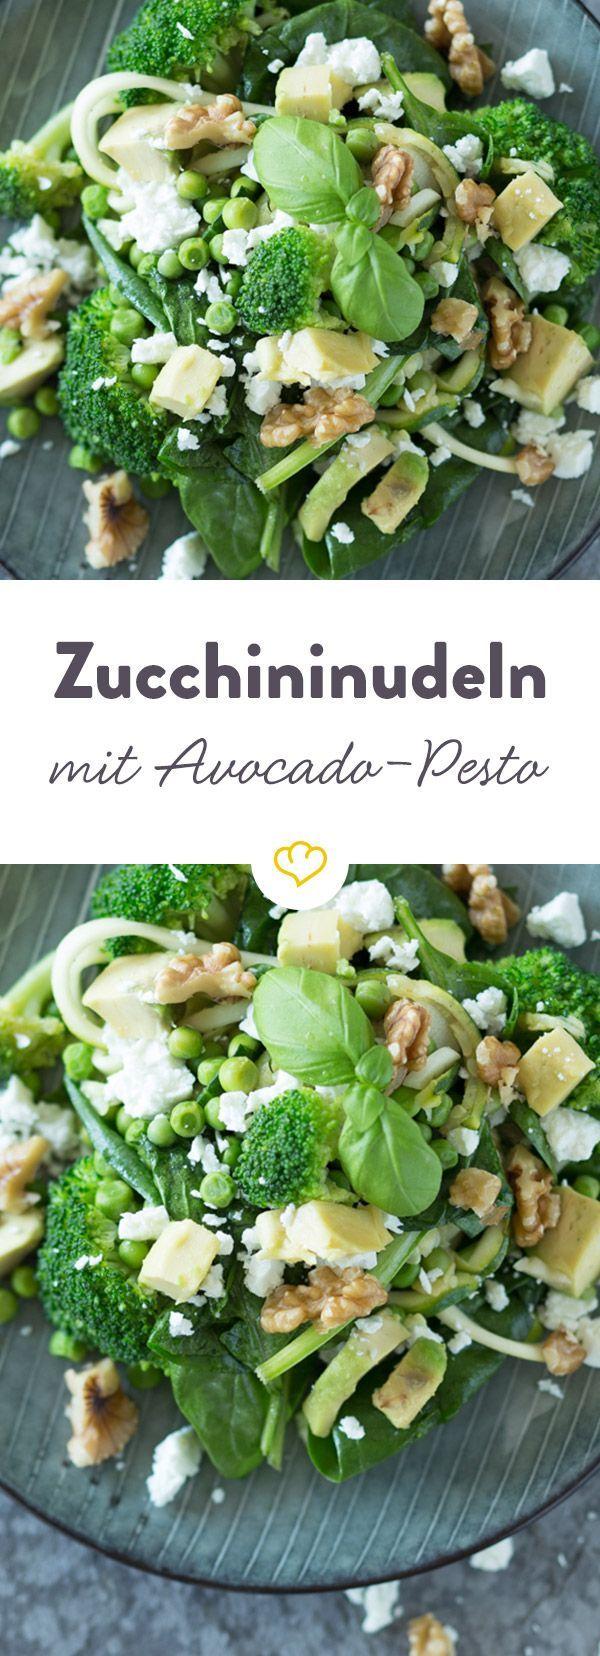 Mit dieser Zucchinipasta schwelgst du im Nudelglück, aber ohne klassische Nudeln. Dazu ein Pesto, Brokkoli und Erbsen - eine unschlagbare Kombination.